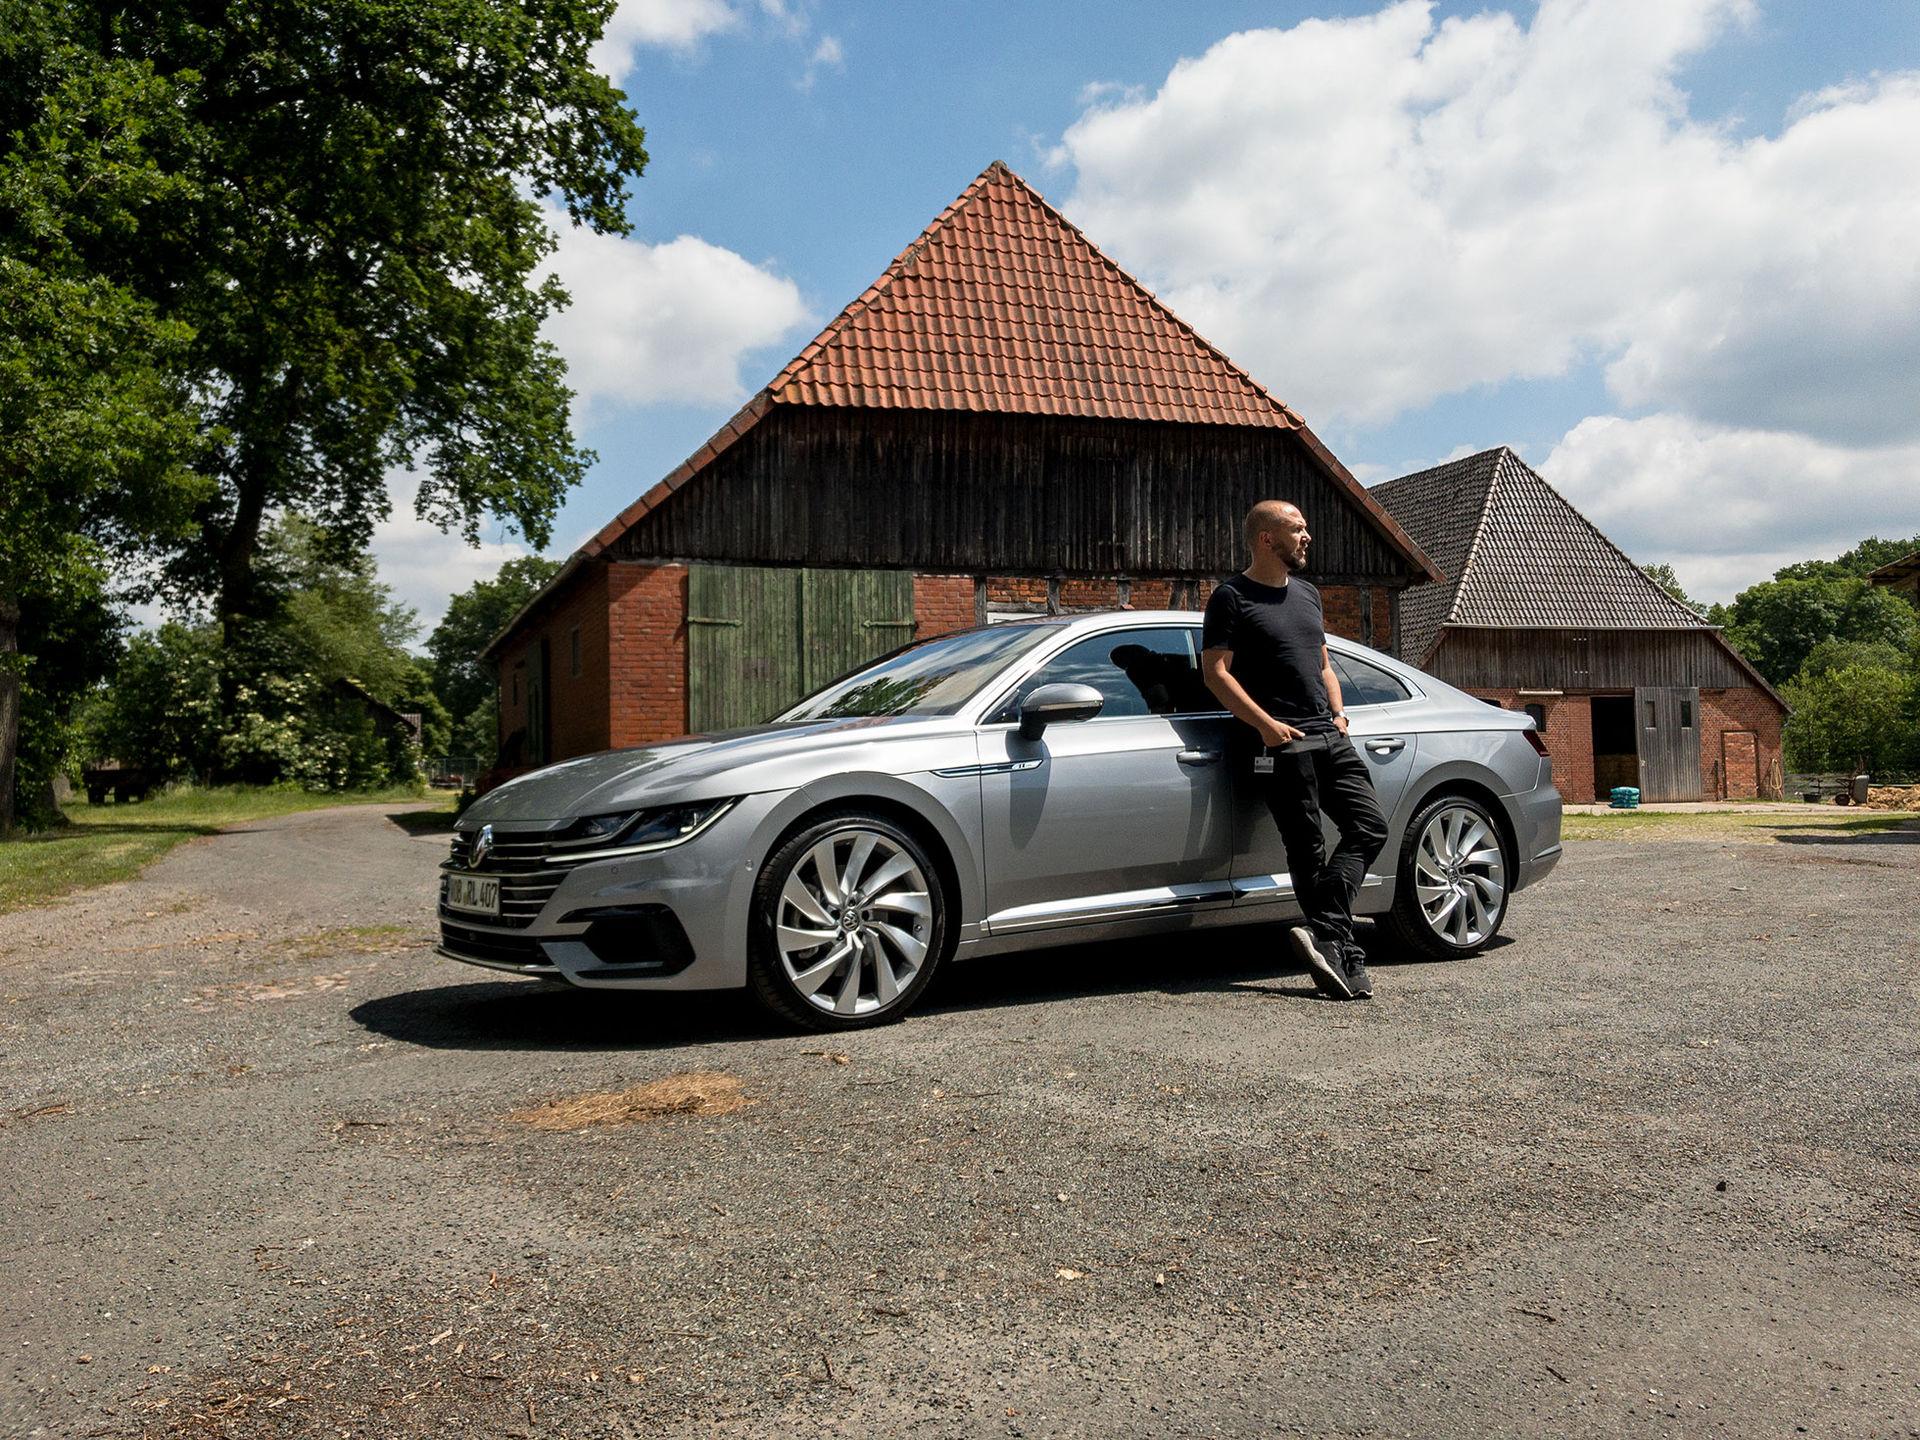 Vi har provkört Volkswagen Arteon